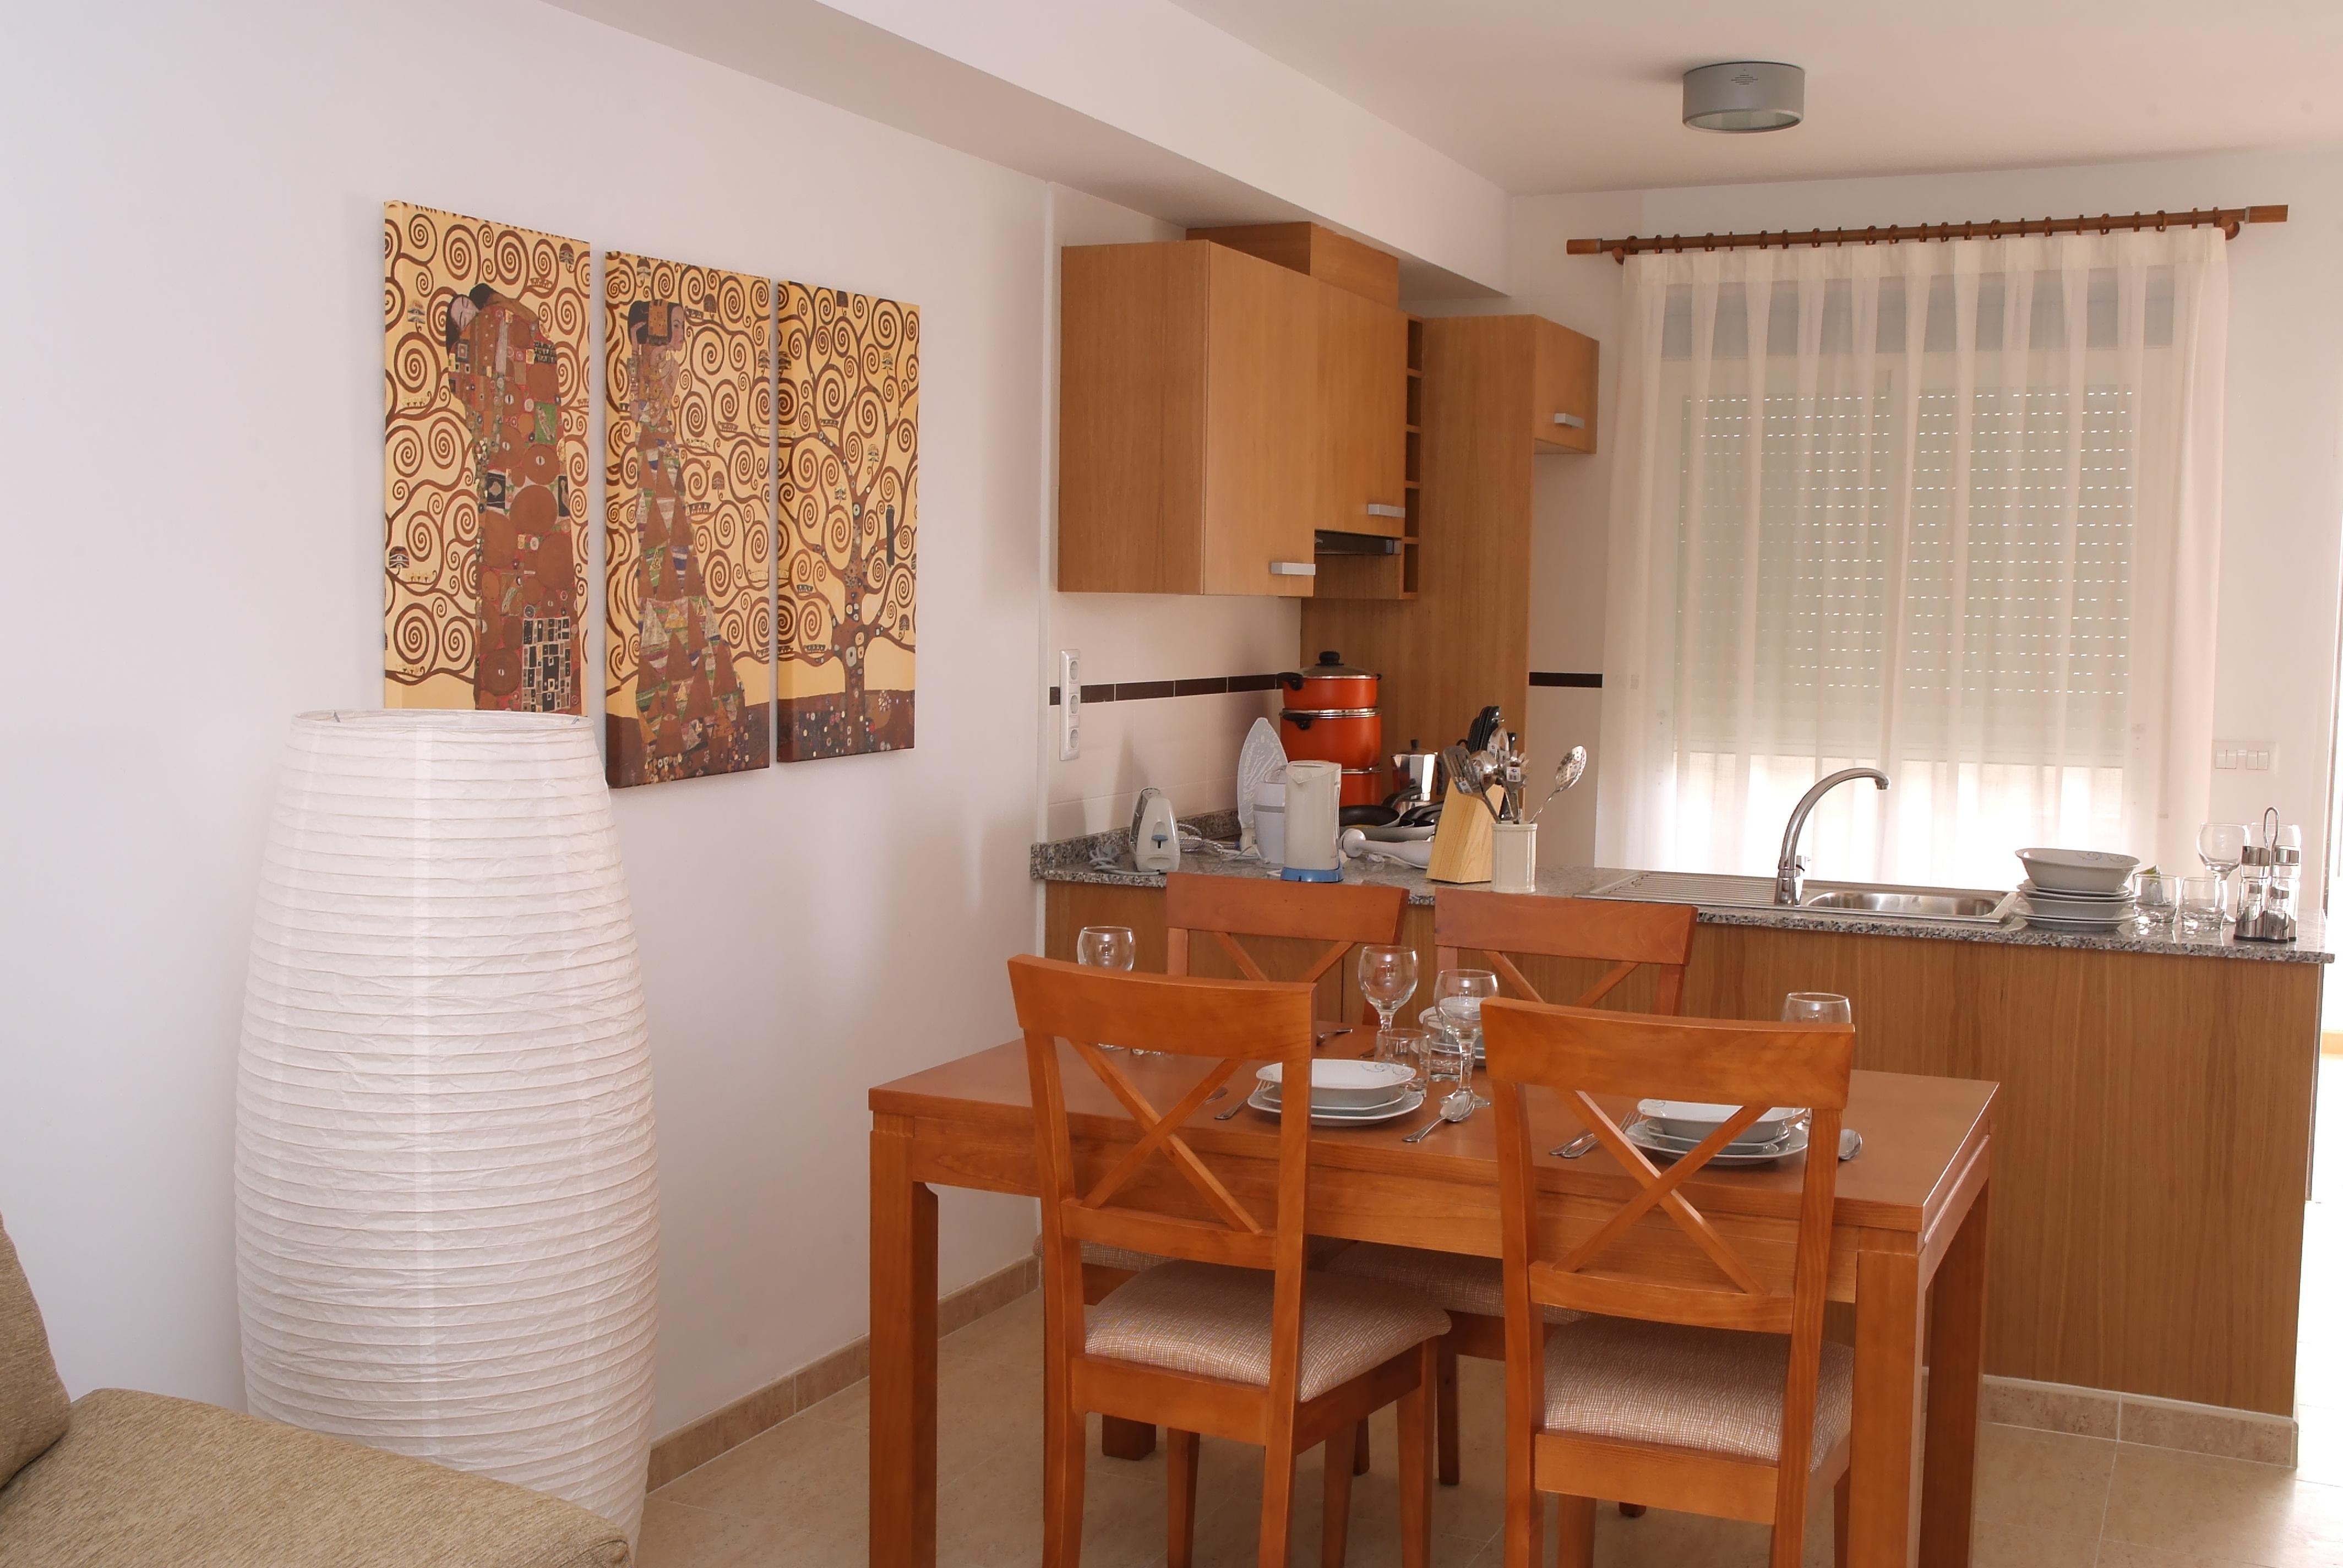 Home Staging Venta De Pisos Con Valor A Adido Kimobel Dise O  # Muebles Vall De Uxo